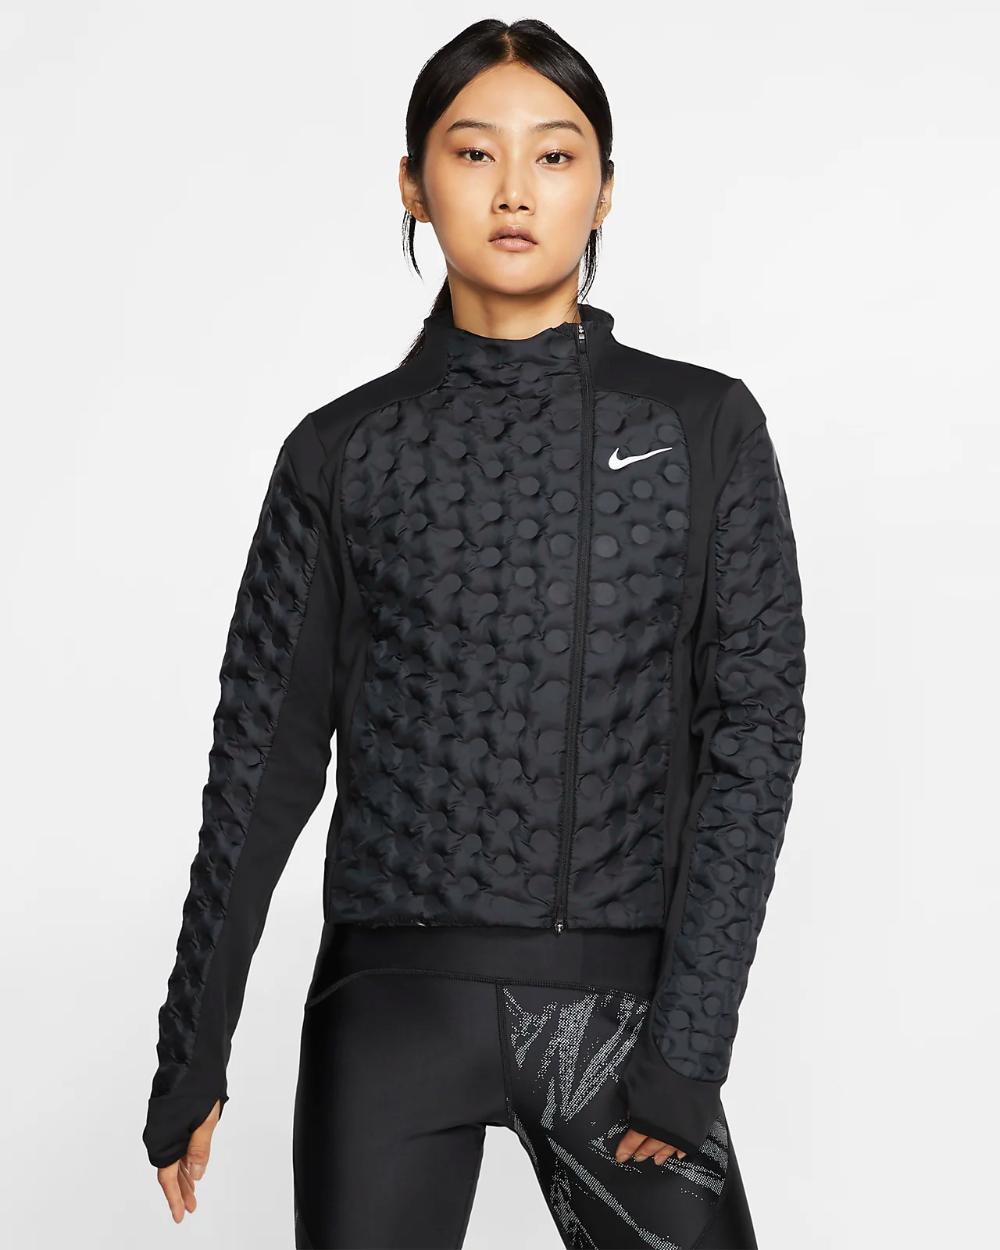 Menstruación escucha Visión general  Nike AeroLoft Women's Running Jacket ... | Womens running jacket, Running  jacket, Running clothes